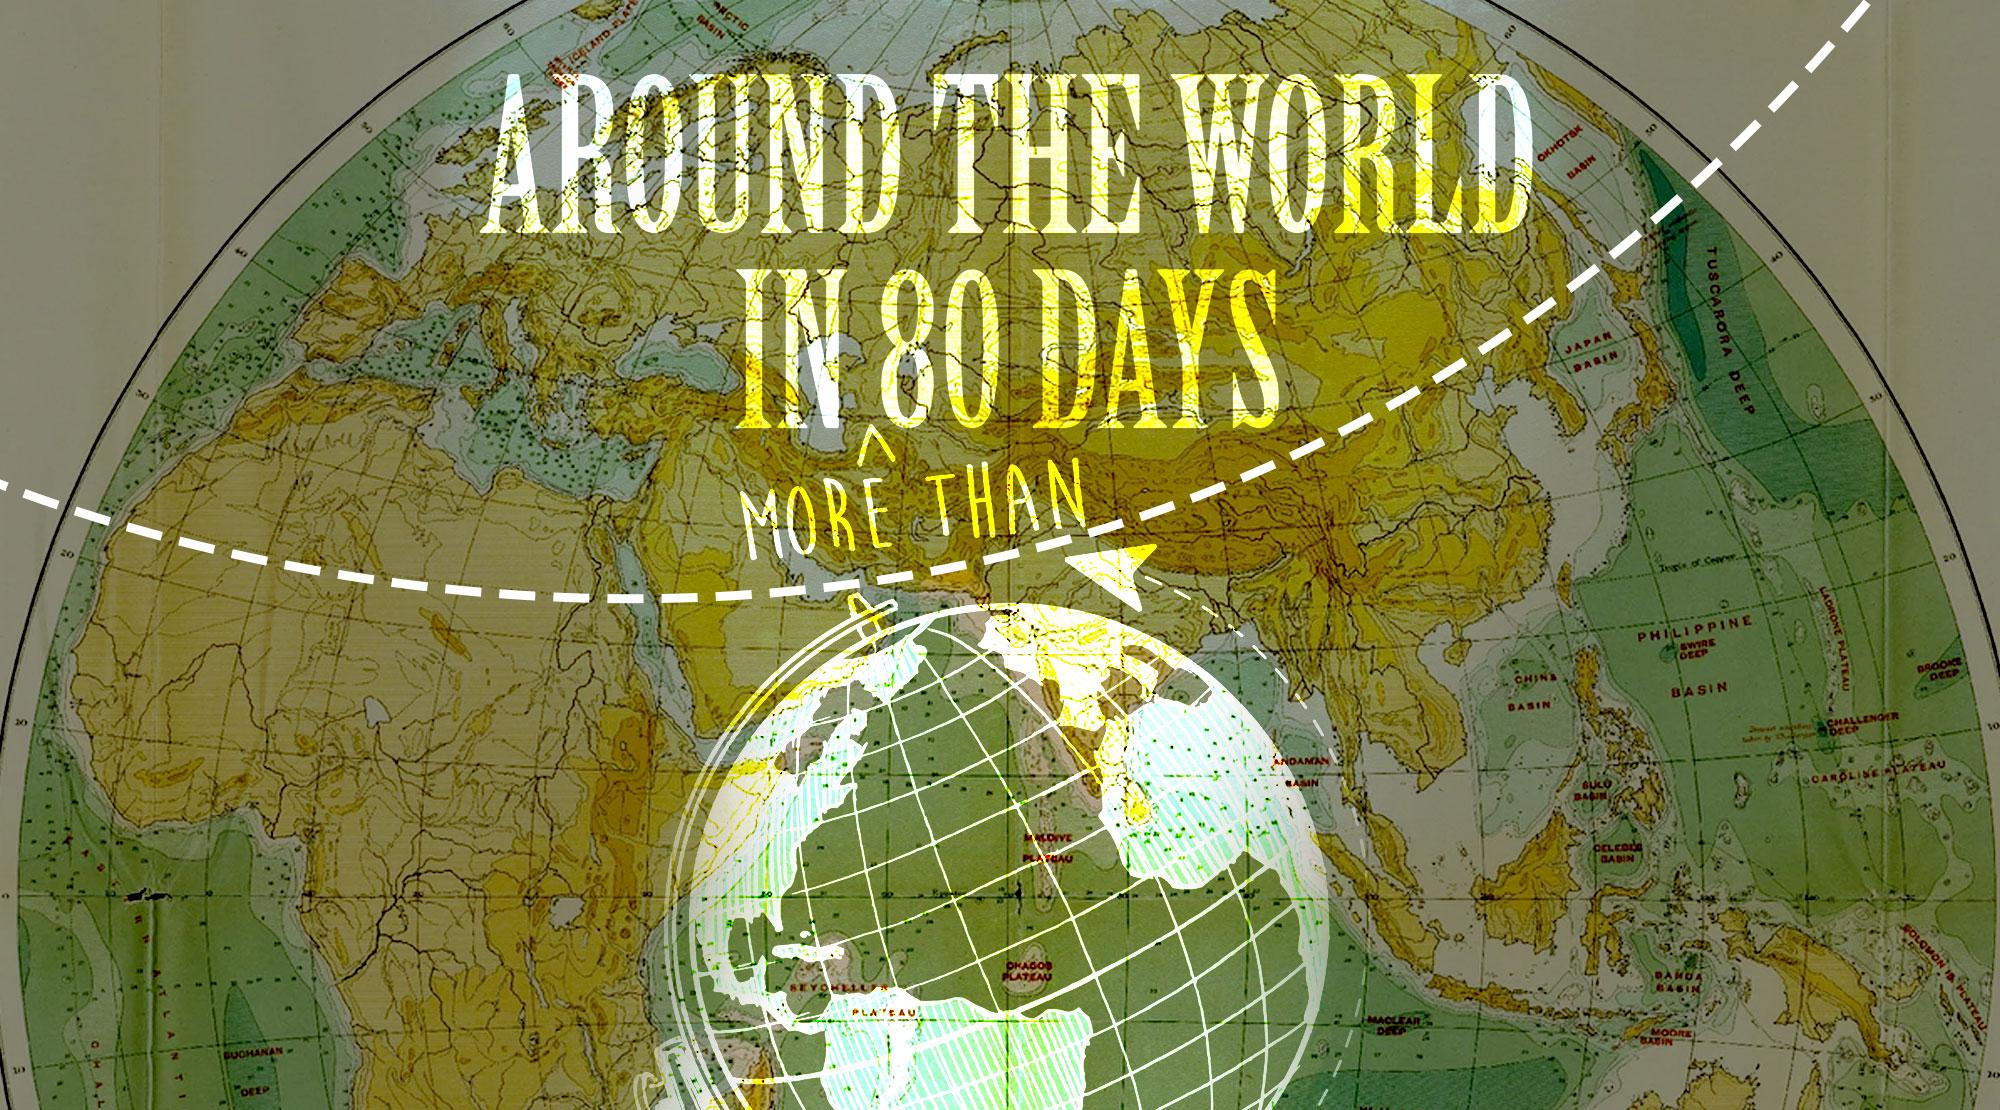 around the world in 80 days book wallpaper